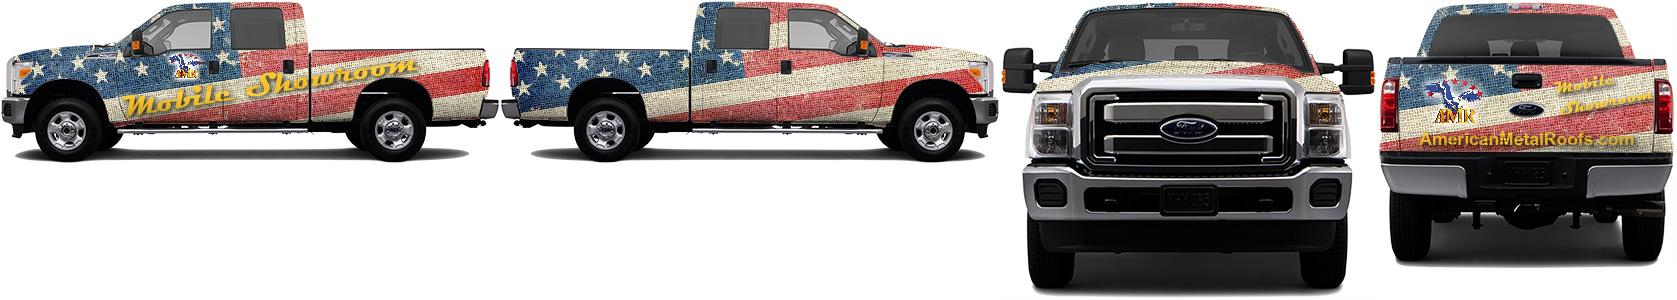 Truck Wrap #52769